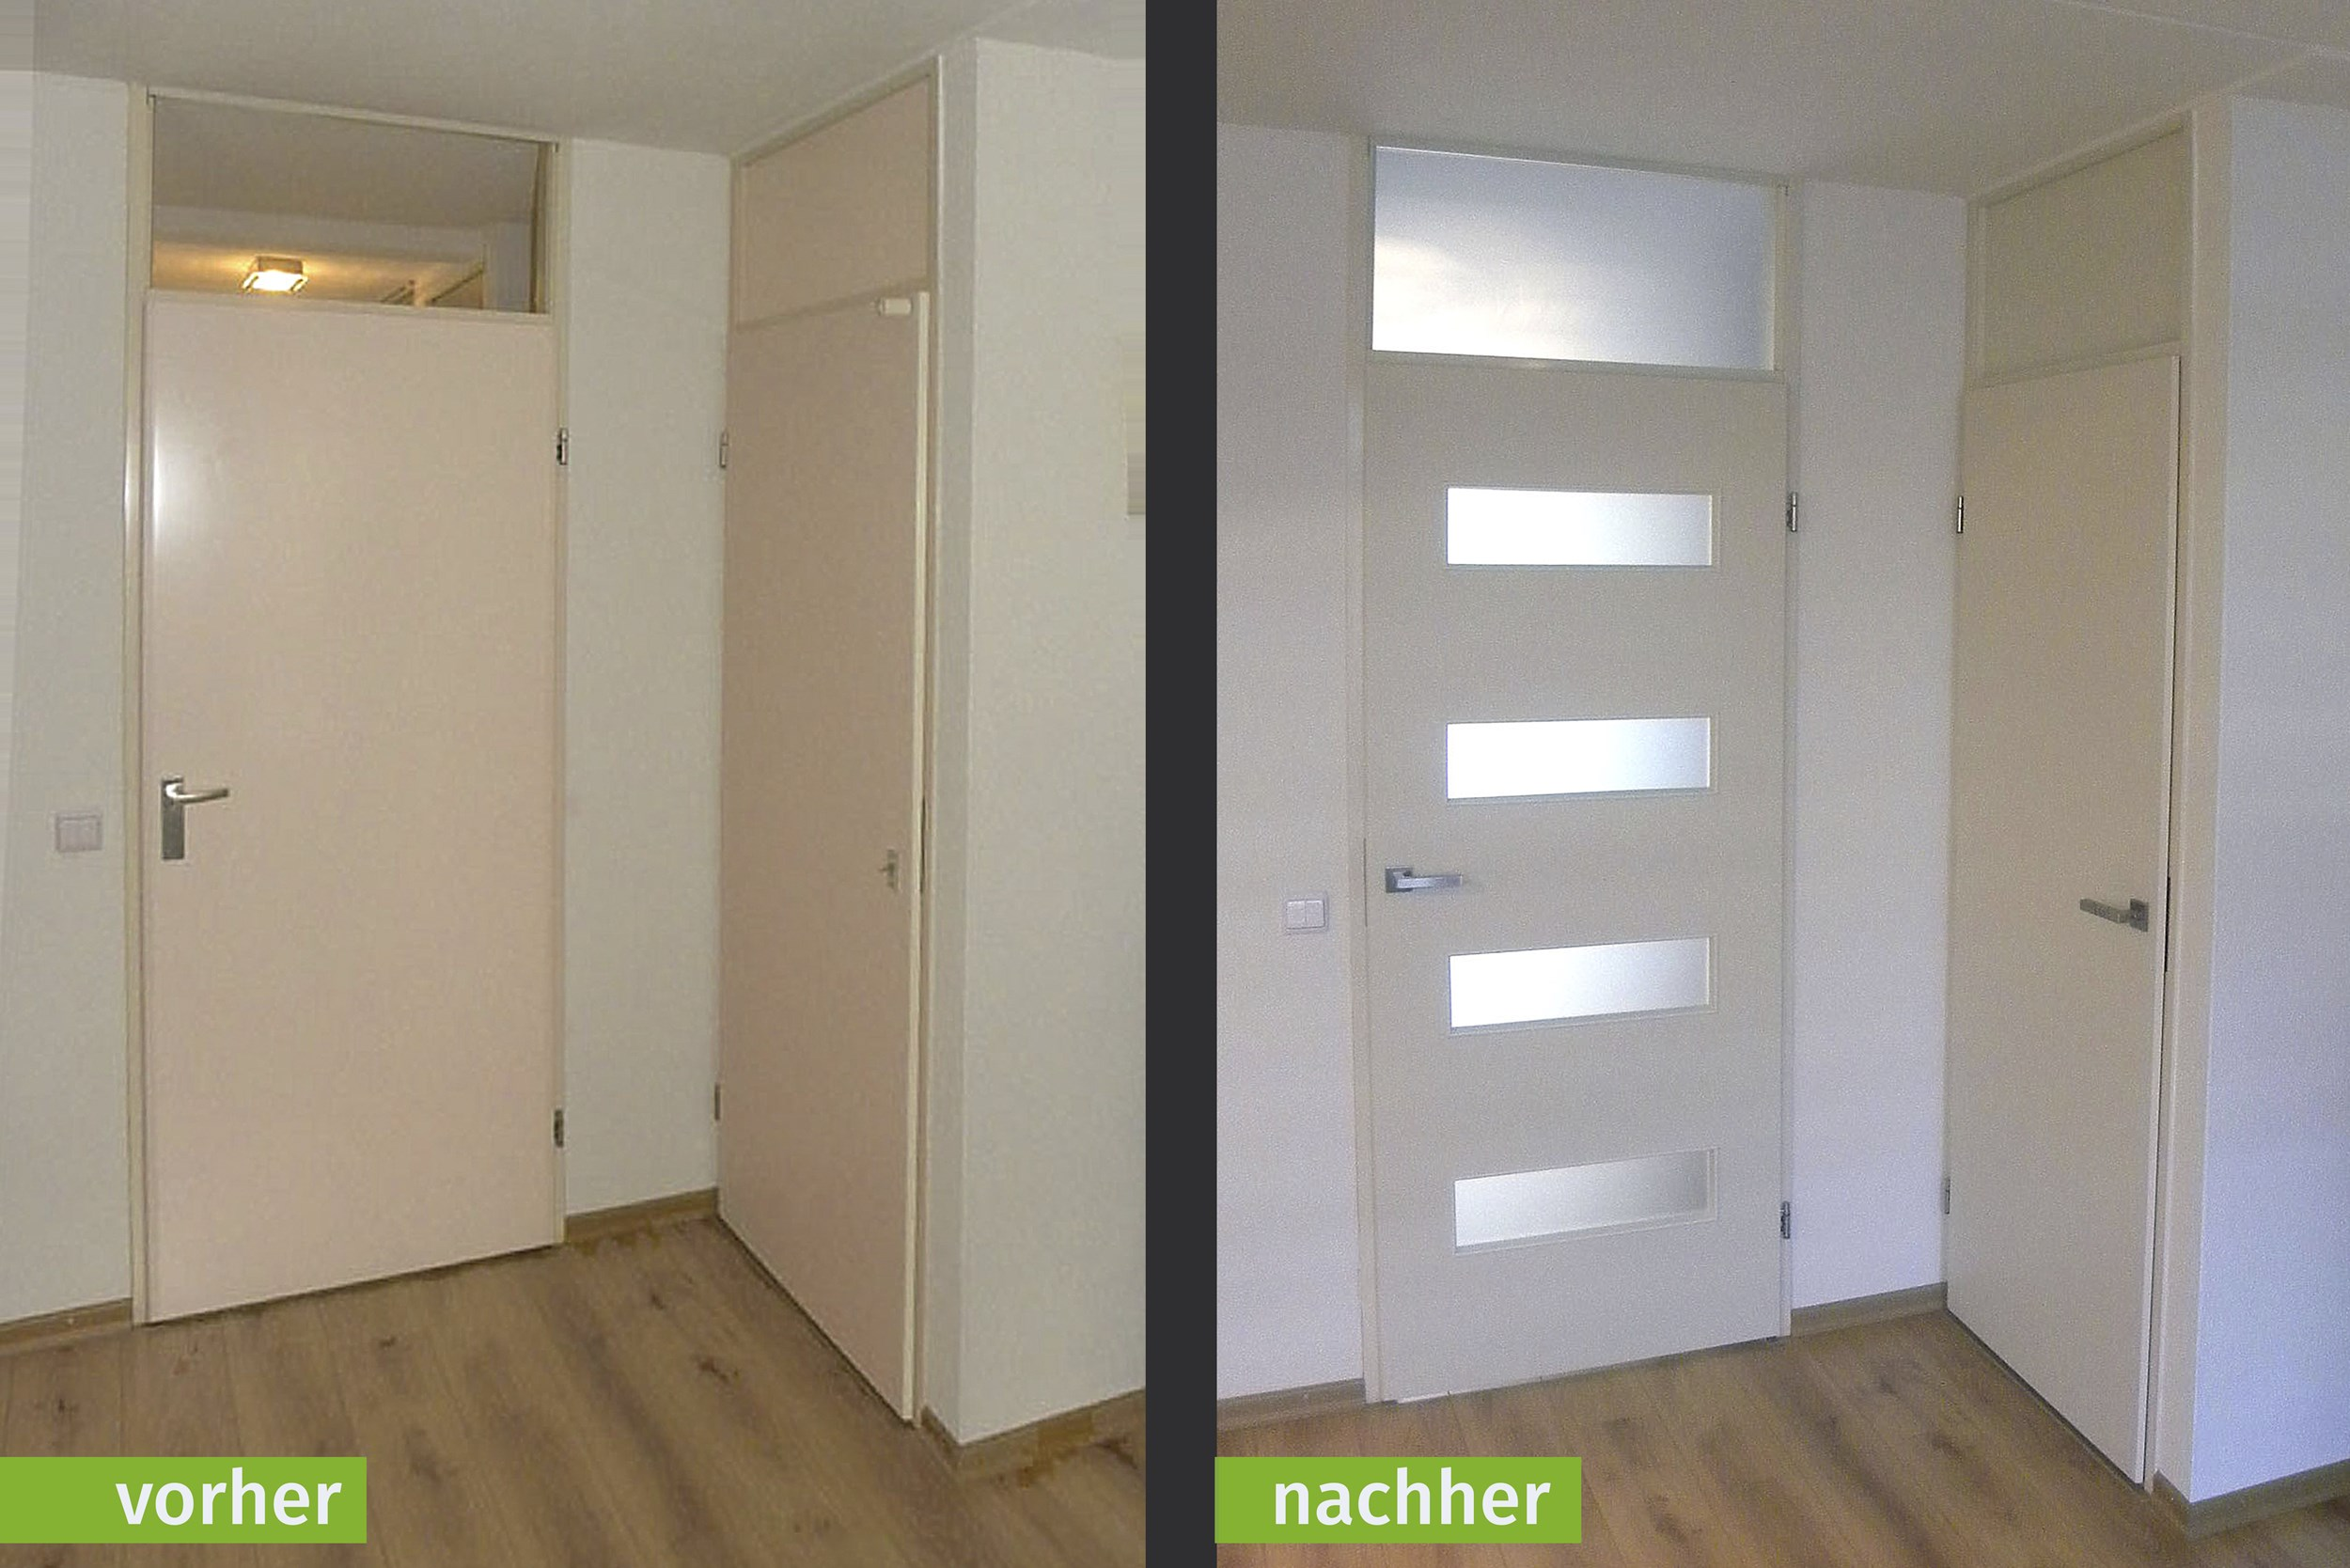 kundenbeispiele türenrenovierung – portas renovierung